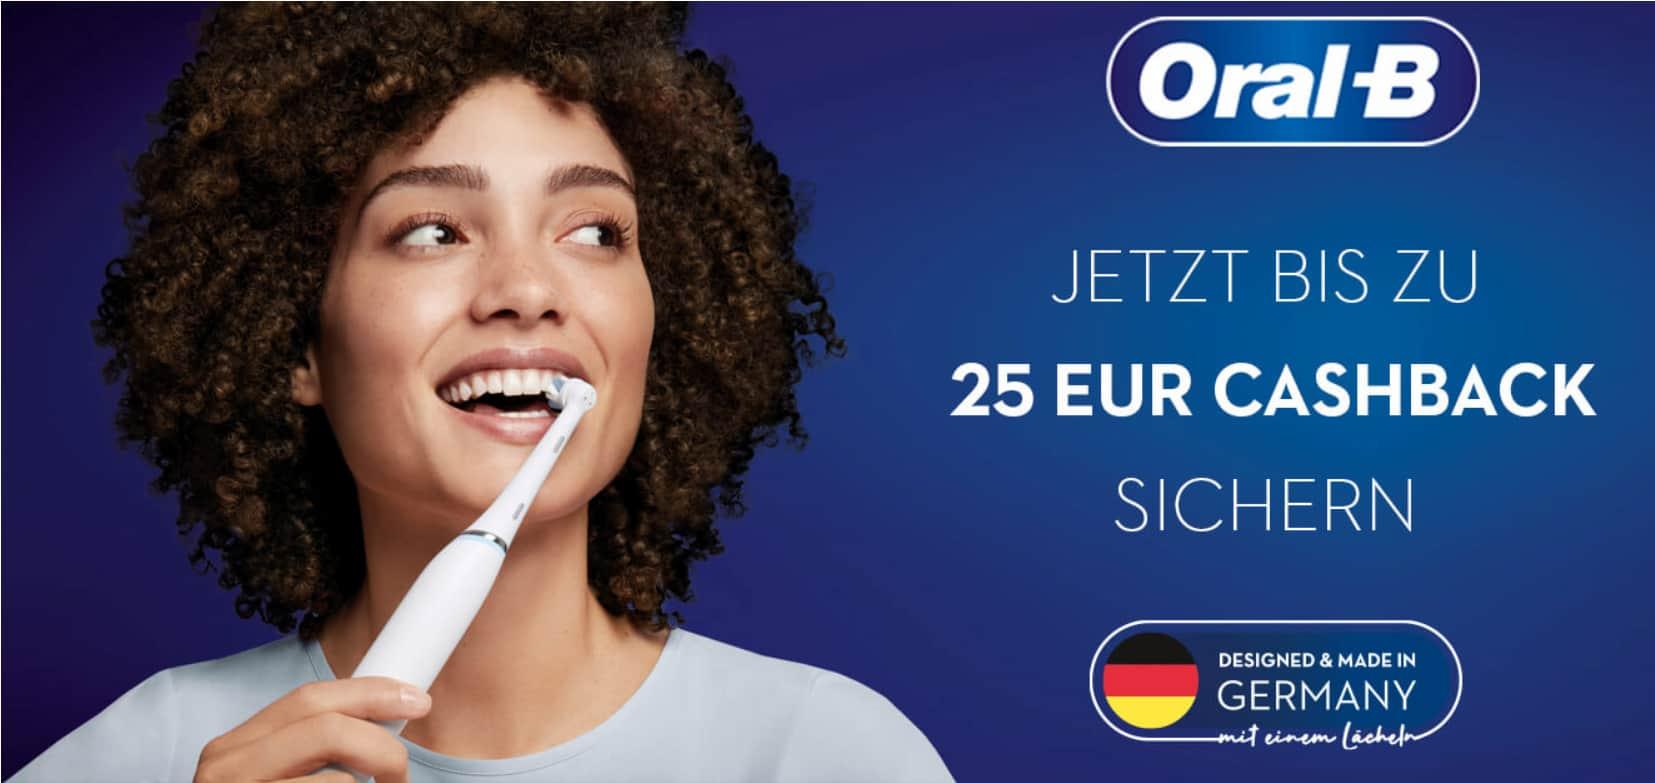 Sauber putzen und Geld sparen mit Rabatt von Oral-B.